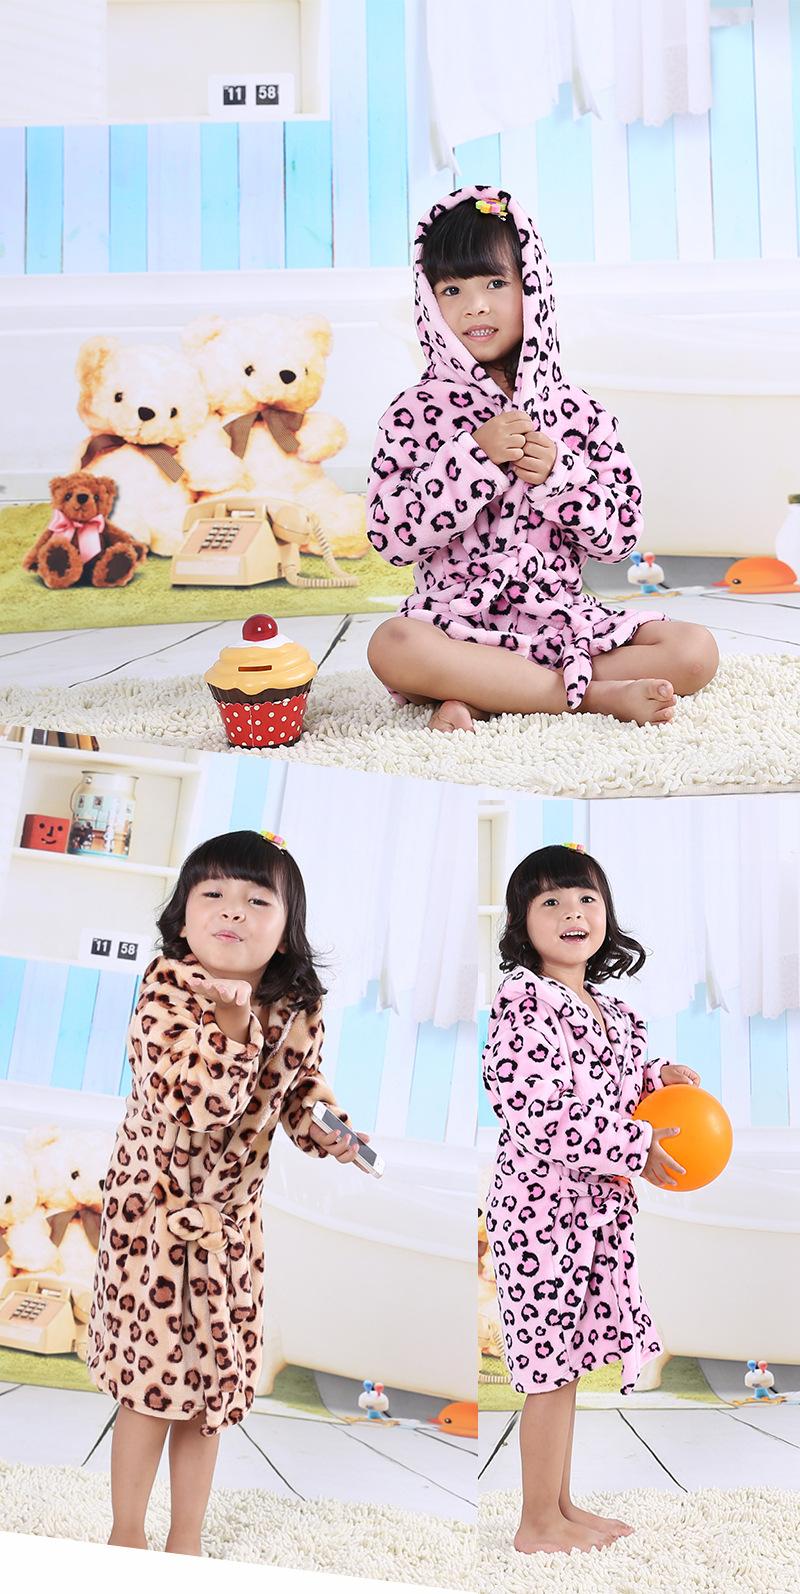 ee3999ded8 2017 Children S Bathrobes For Kids Girls Bathrobe Flannel Fleece ...